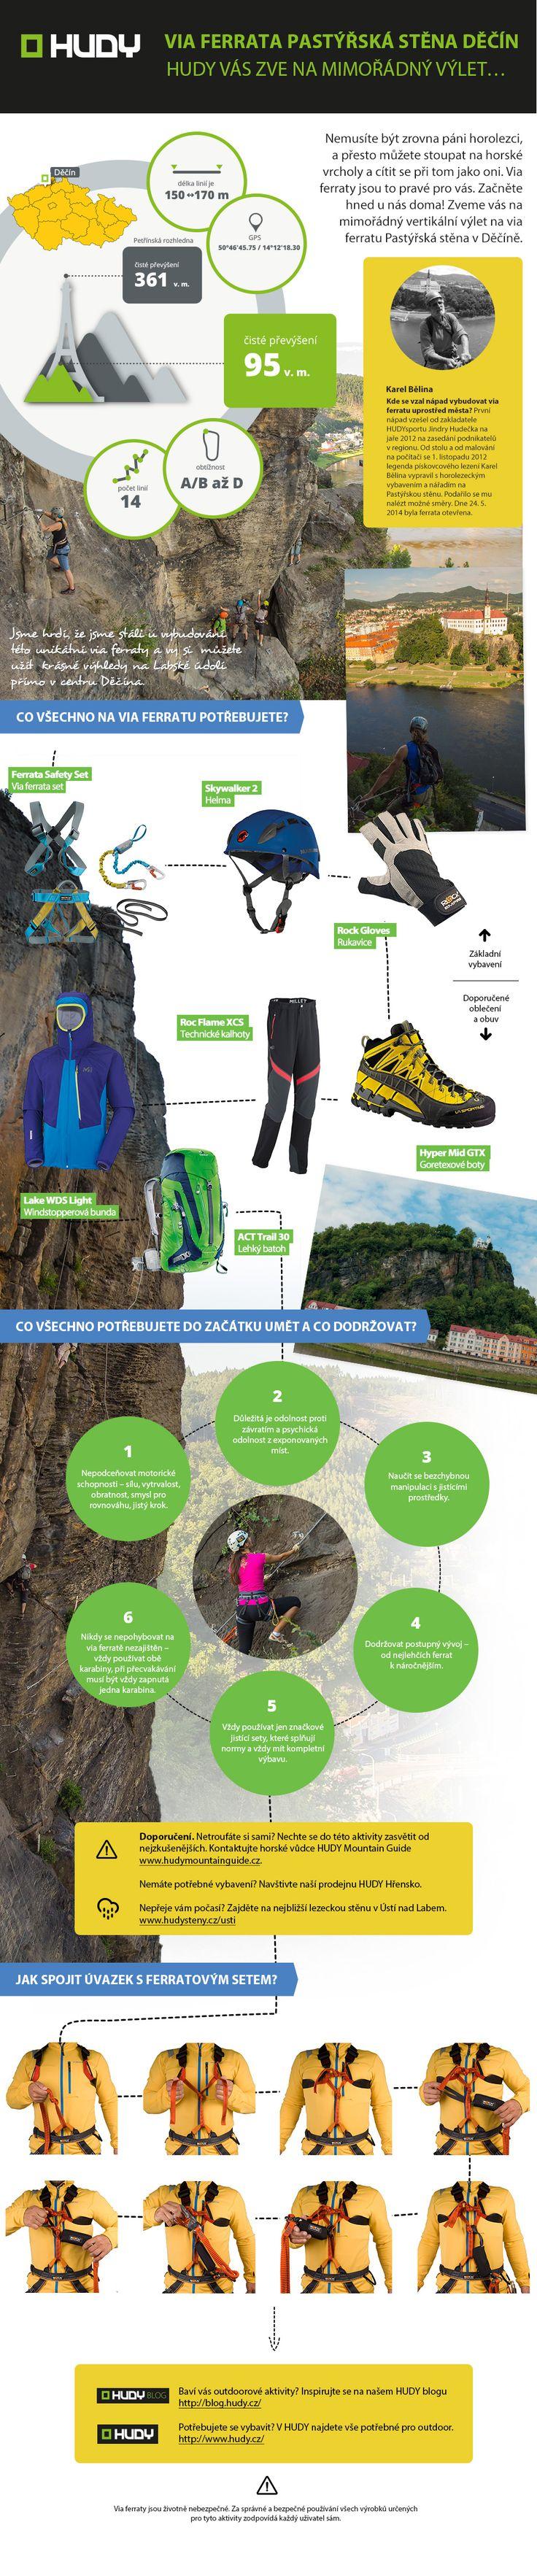 Jaké outdoorové vybavení na via ferratu potřebujete? Kde via ferratu Pastýřská stěna najdete? Co umět a vědět u této aktivity? Vše se dozvíte v infografice.